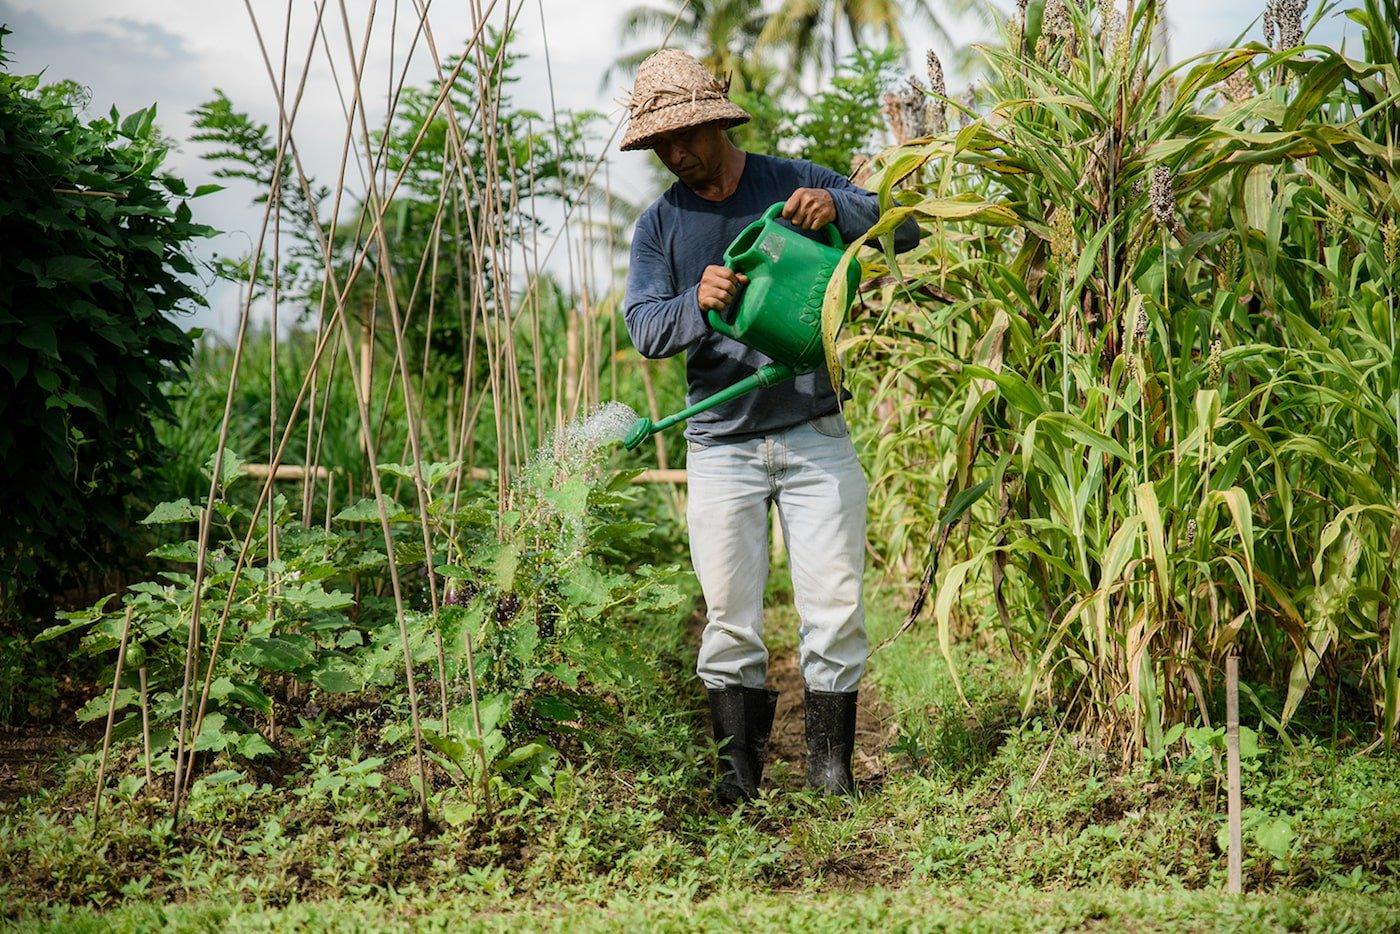 Gardener watering permaculture garden